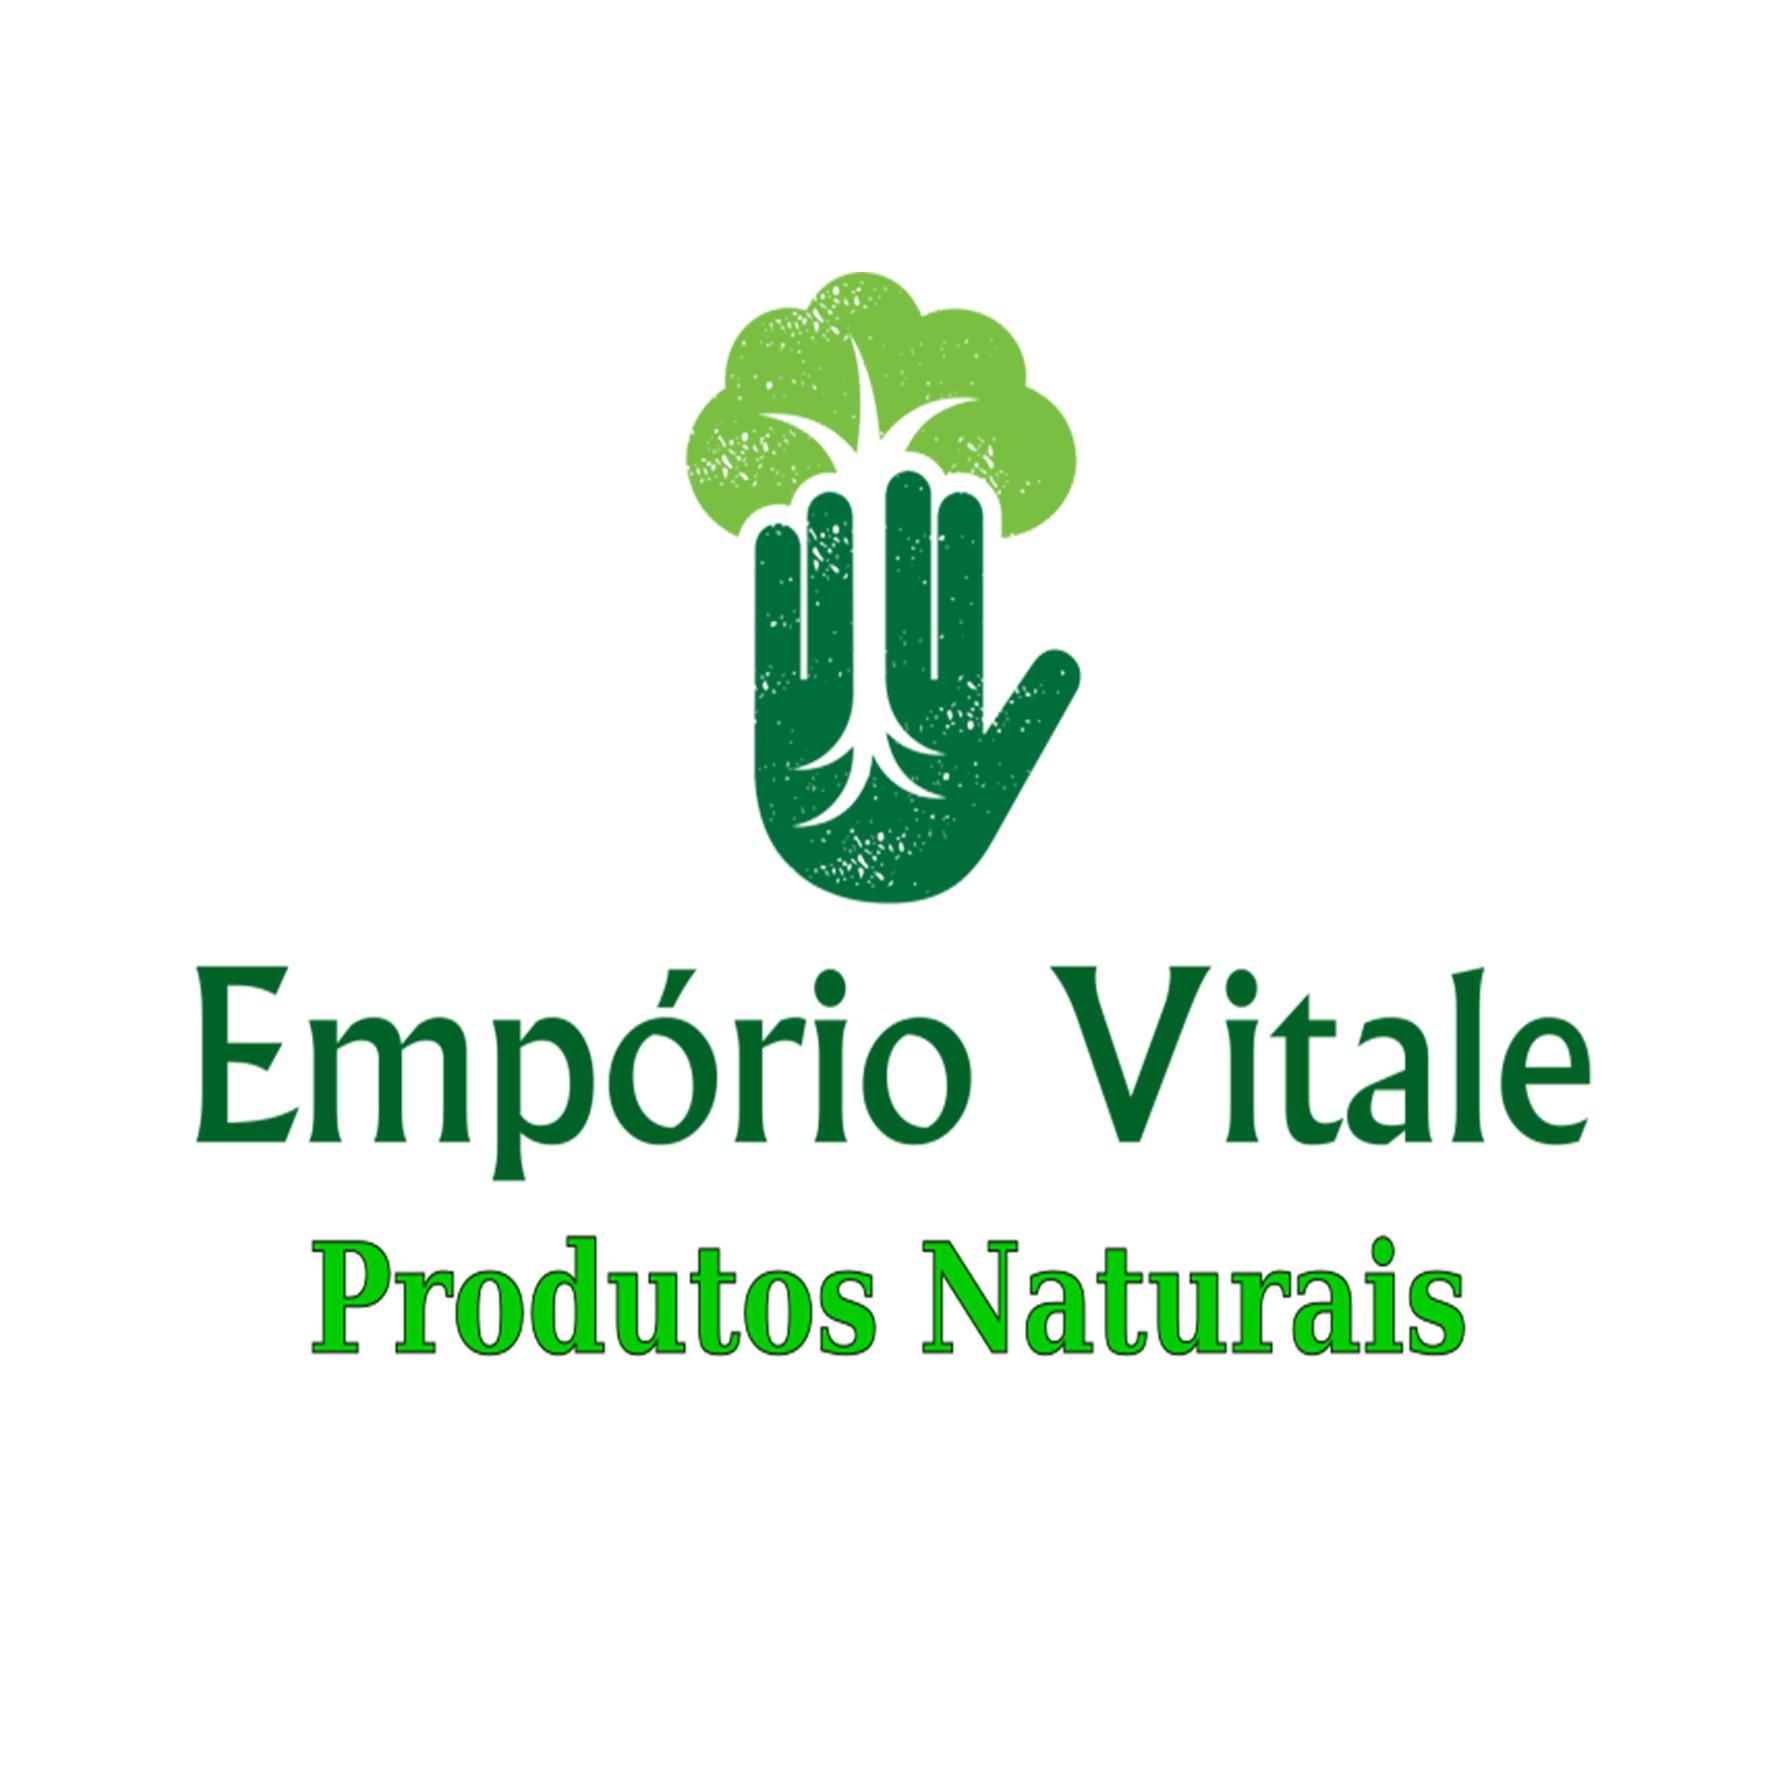 EMPÓRIO VITALE PRODUTOS NATURAIS